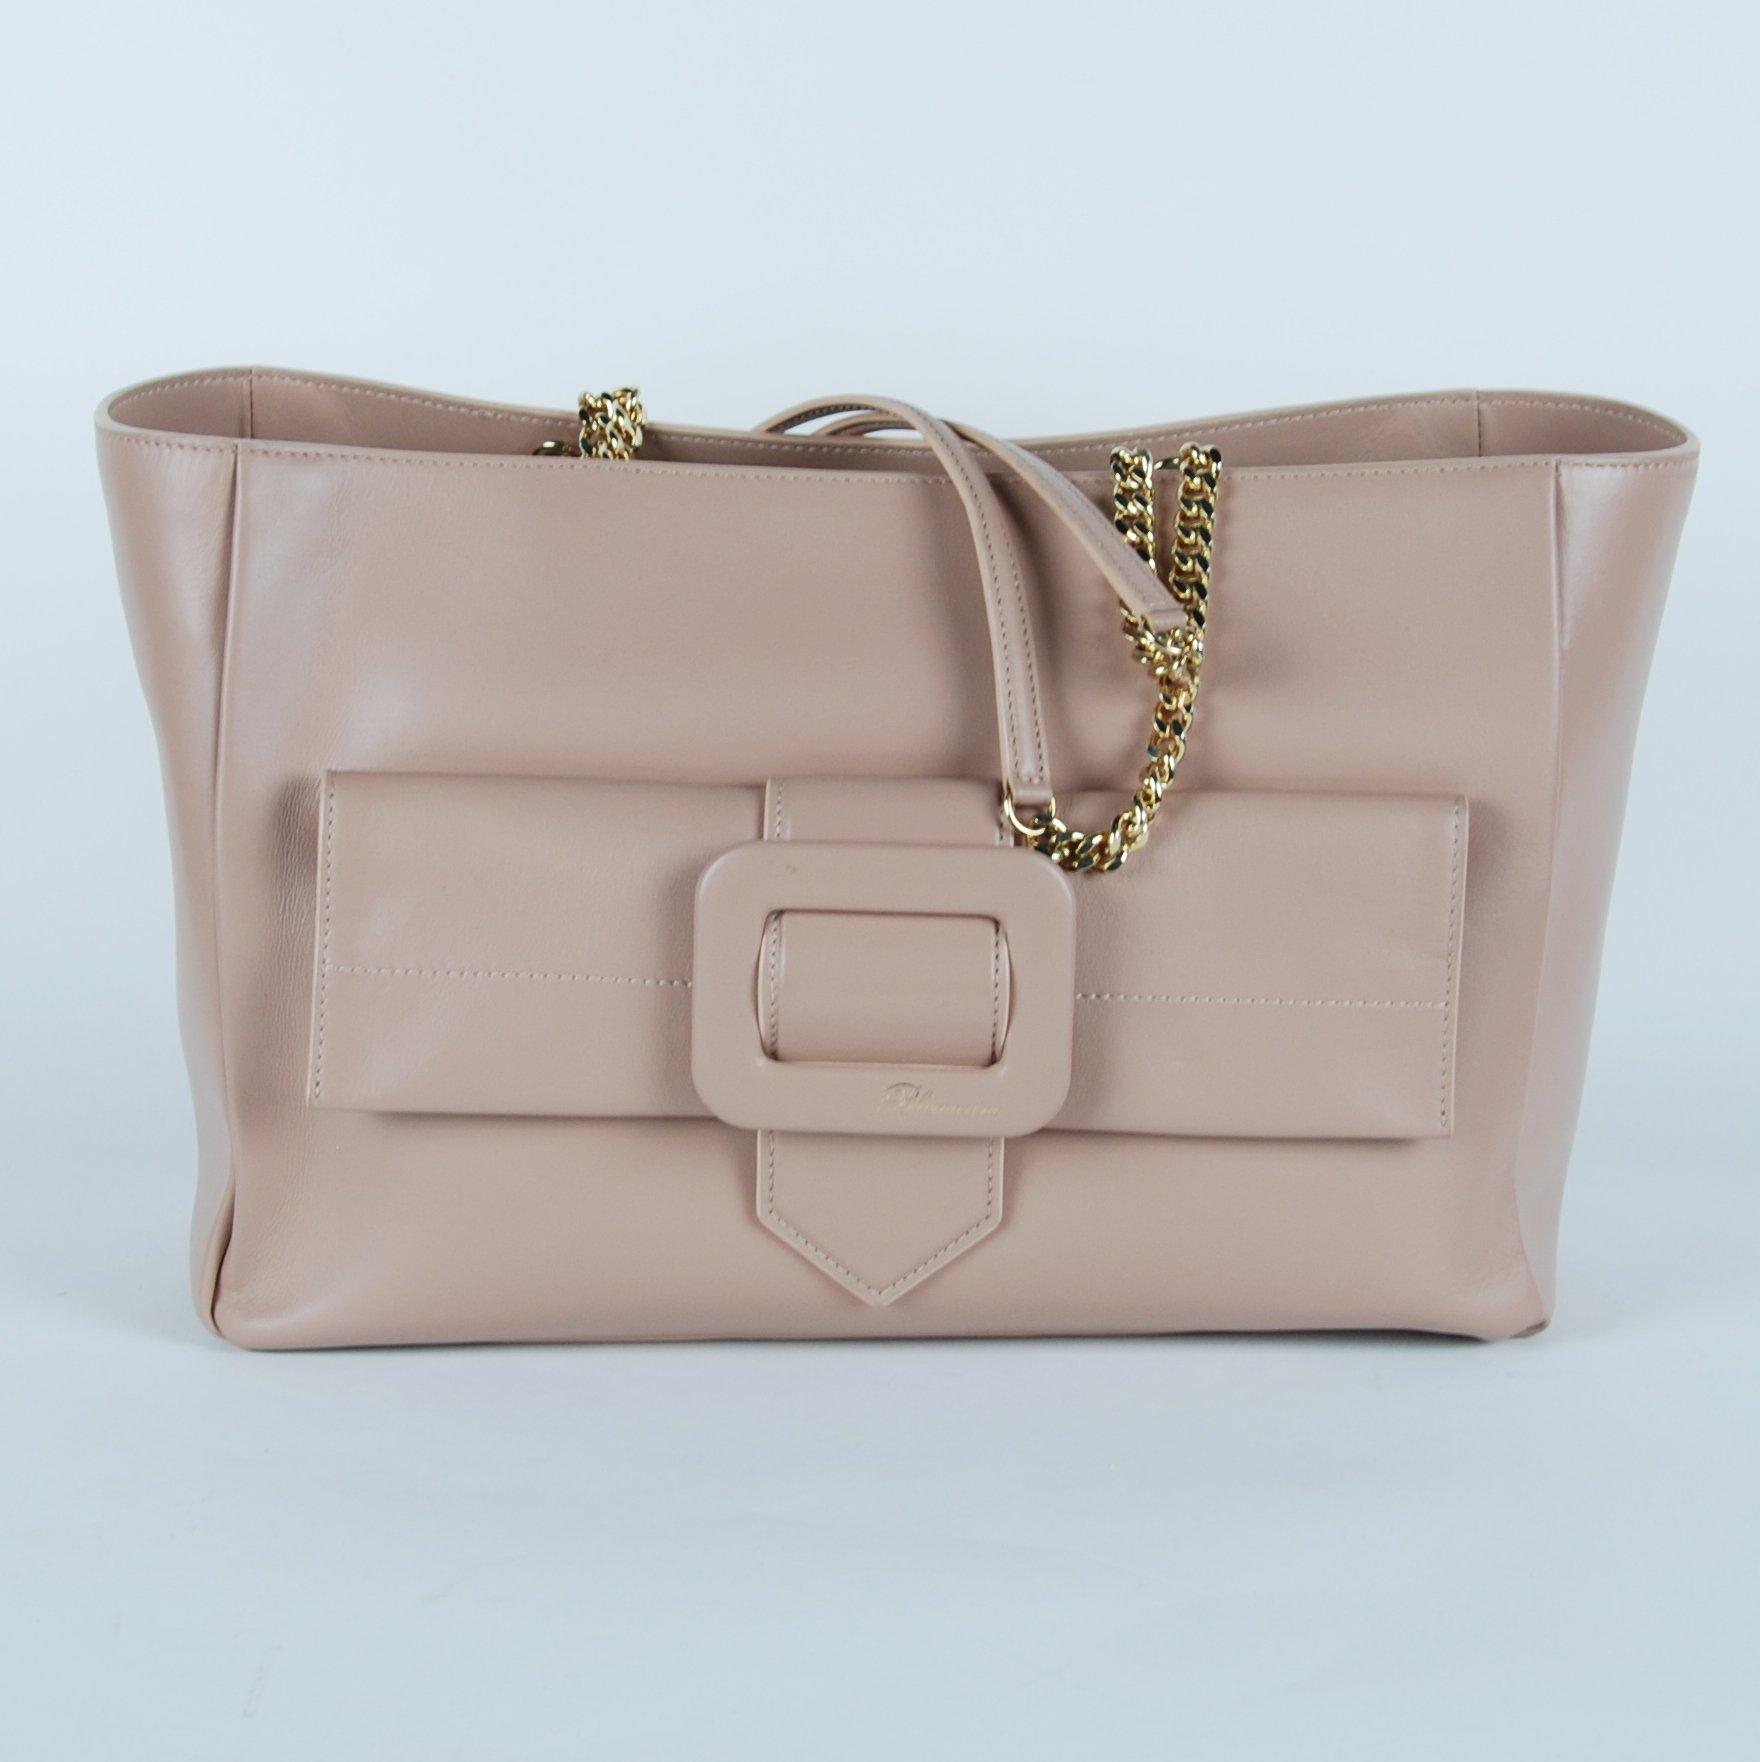 Blumarine Women's Shopping Bag Nude BL1421551